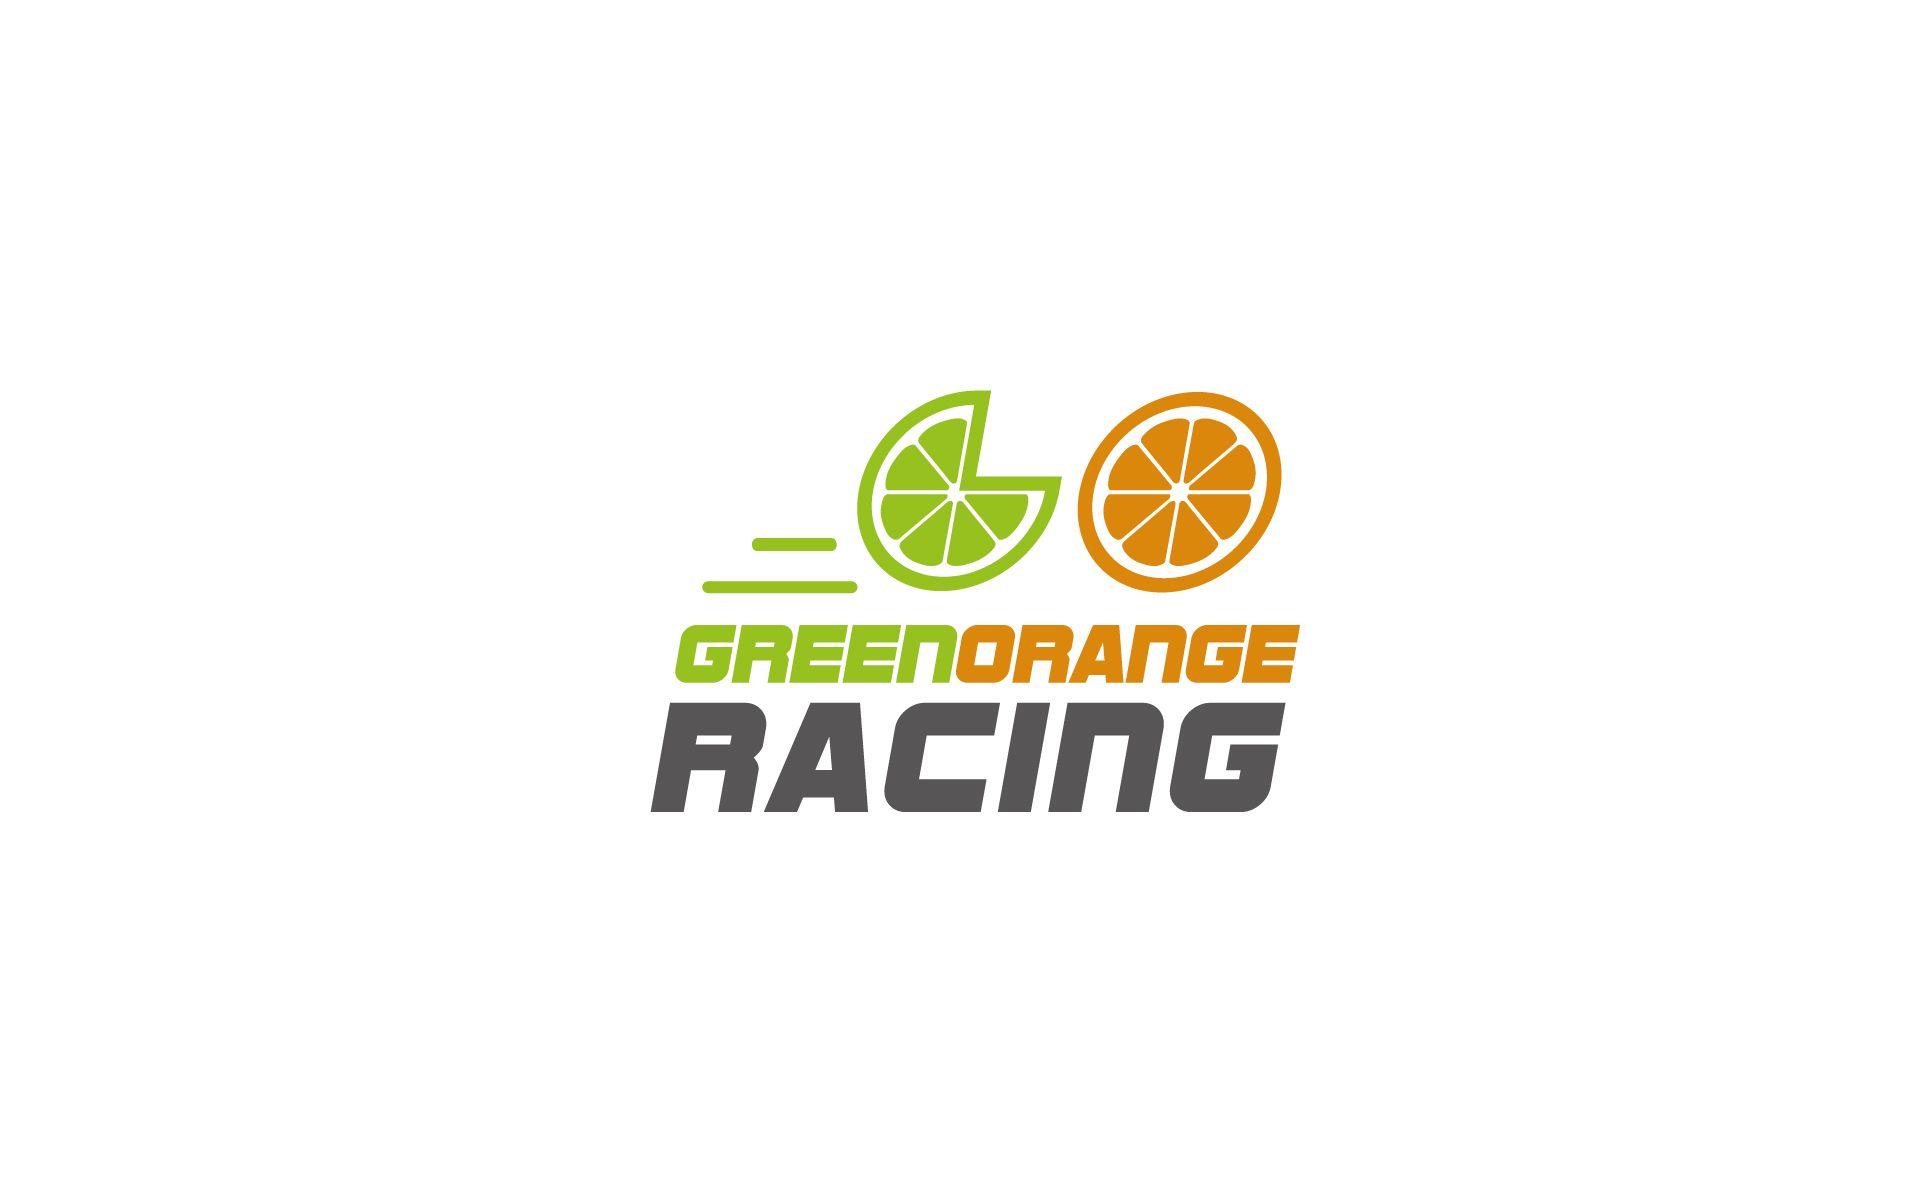 Логотип для гоночной команды (автоспорт) - дизайнер U4po4mak